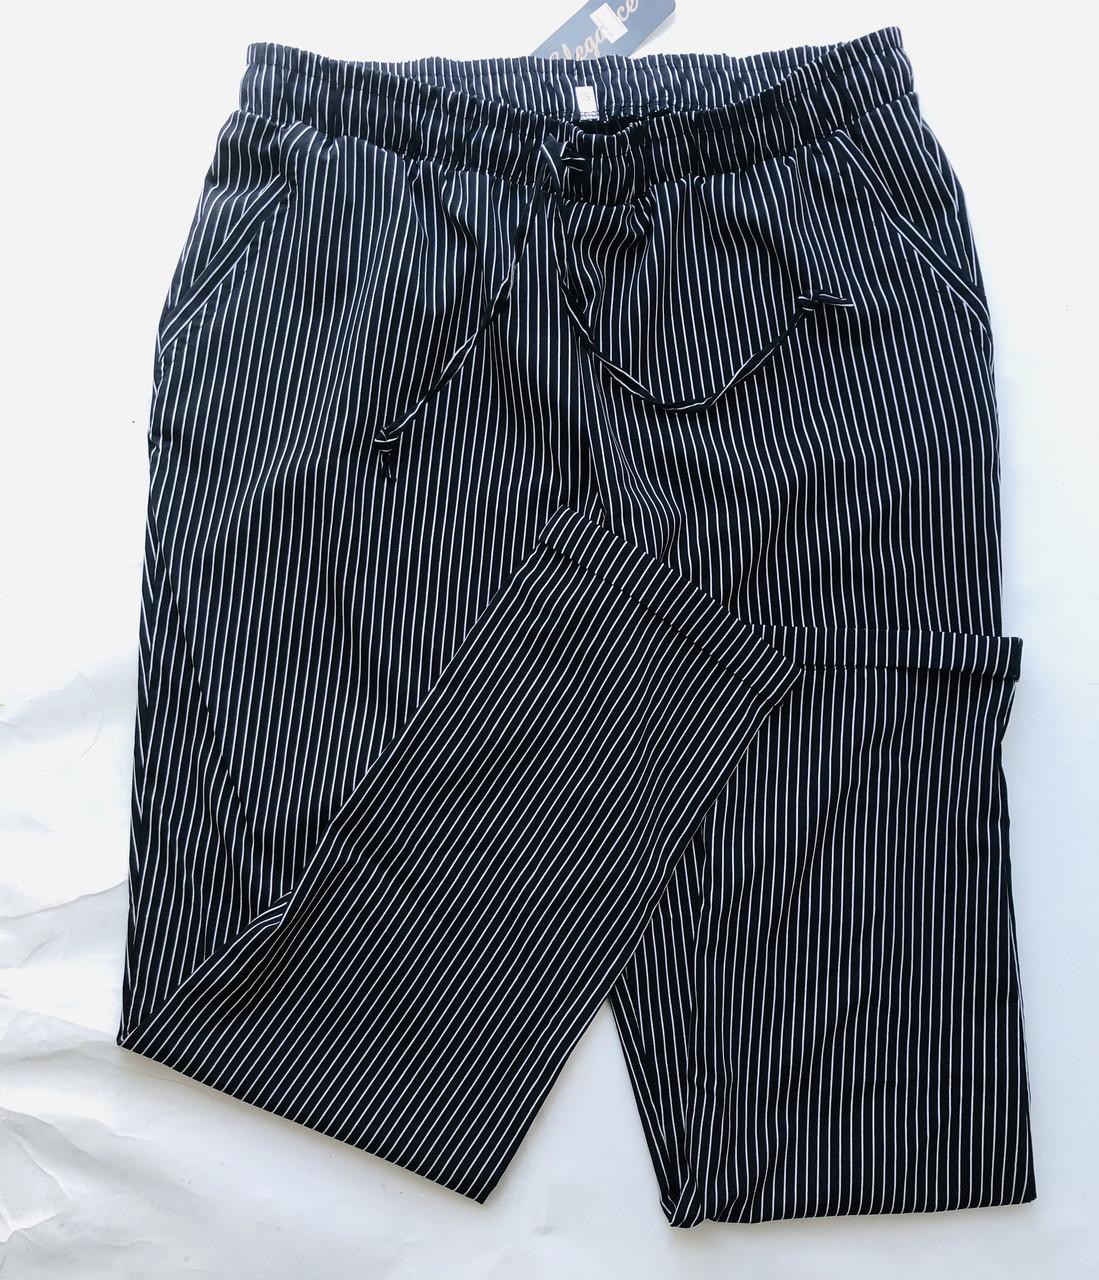 БАТАЛЬНЫЕ летние штаны N° 24 (черный)